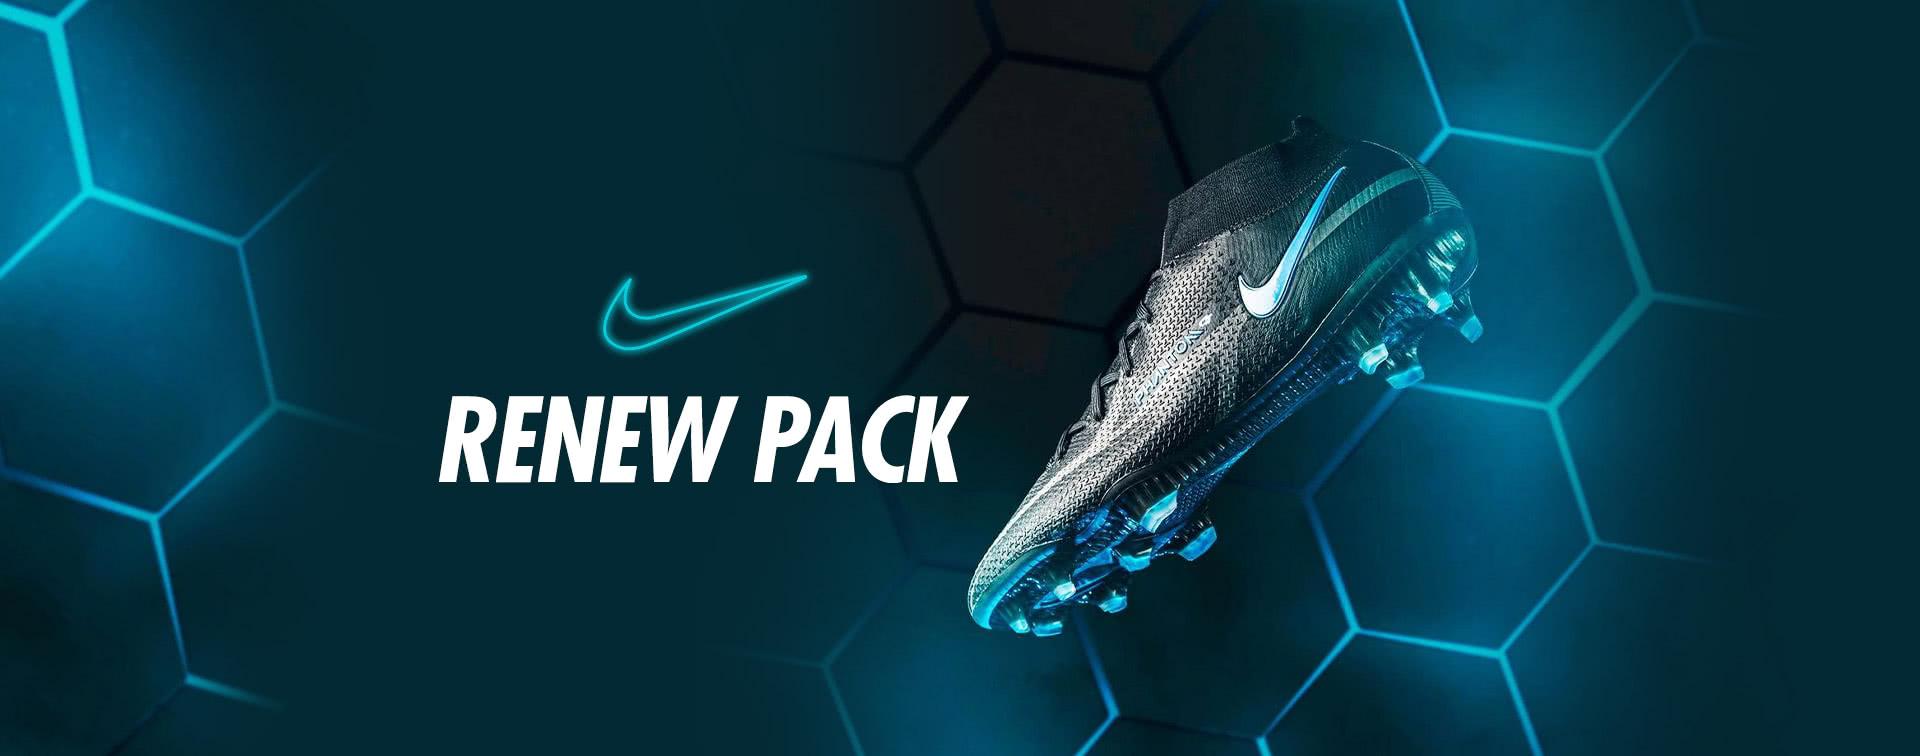 Nike Renew